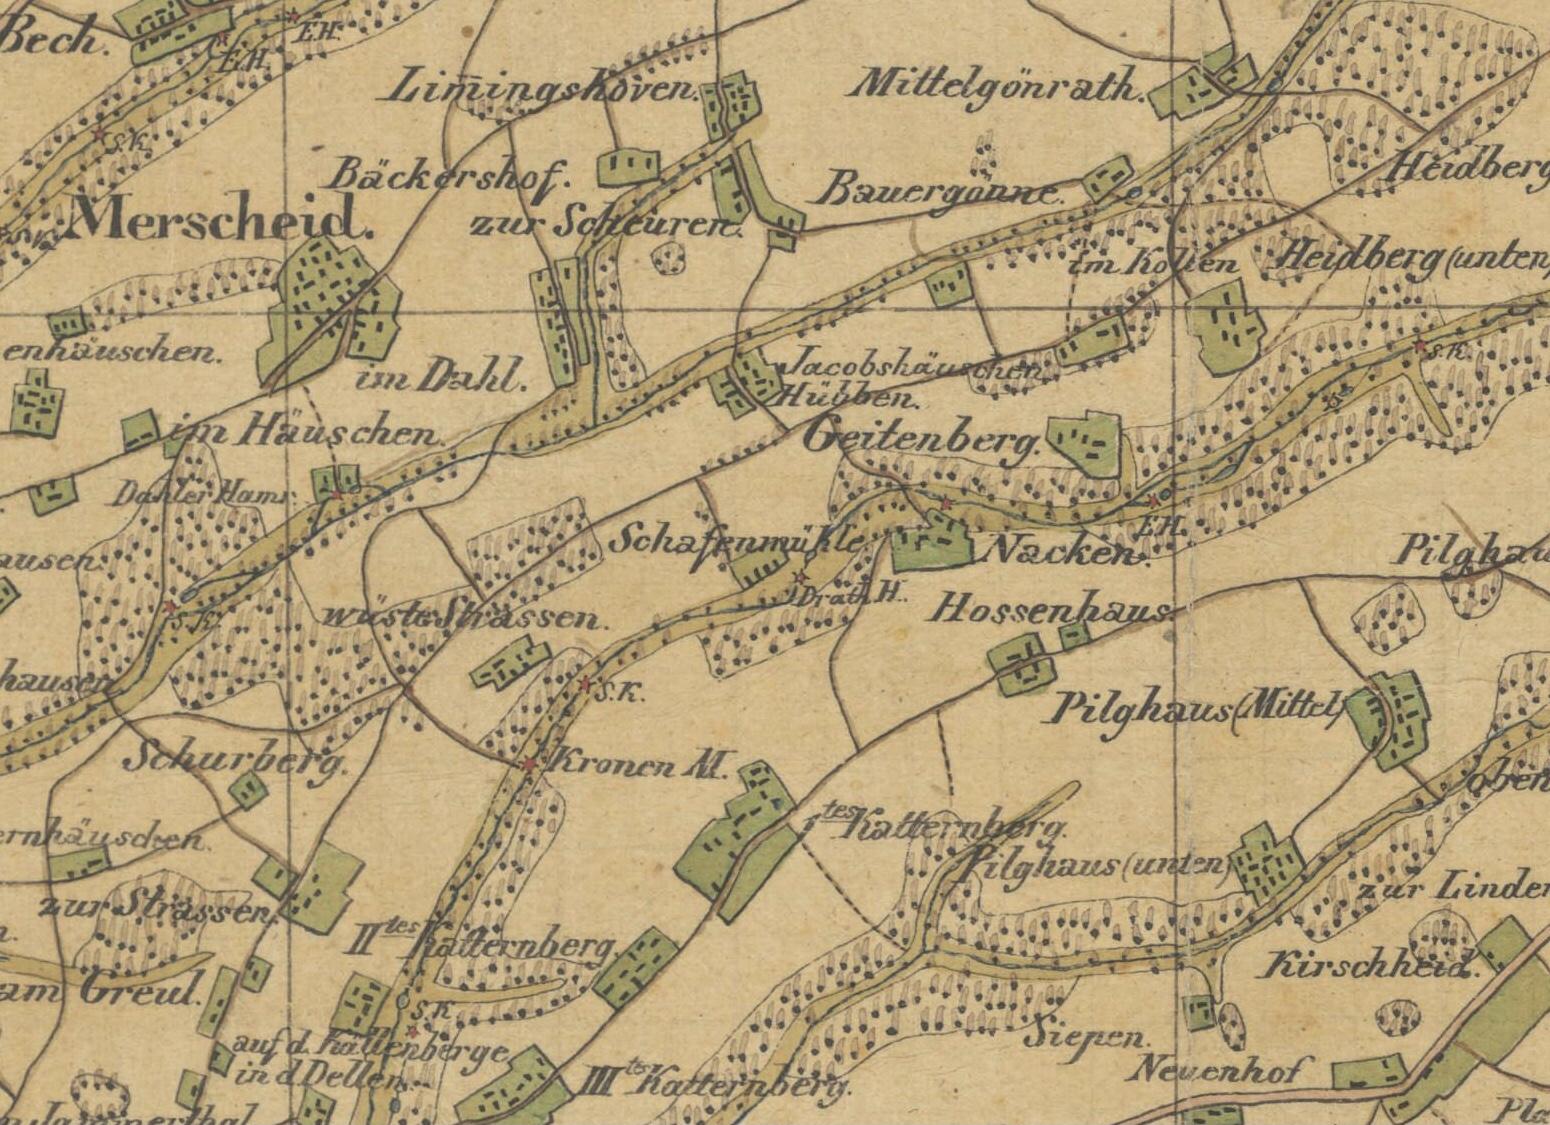 In den Urmeßtischblättern der Preußischen Landesaufnahme taucht in der Schaafenmühle plötzlich der Drath-Hammer auf.